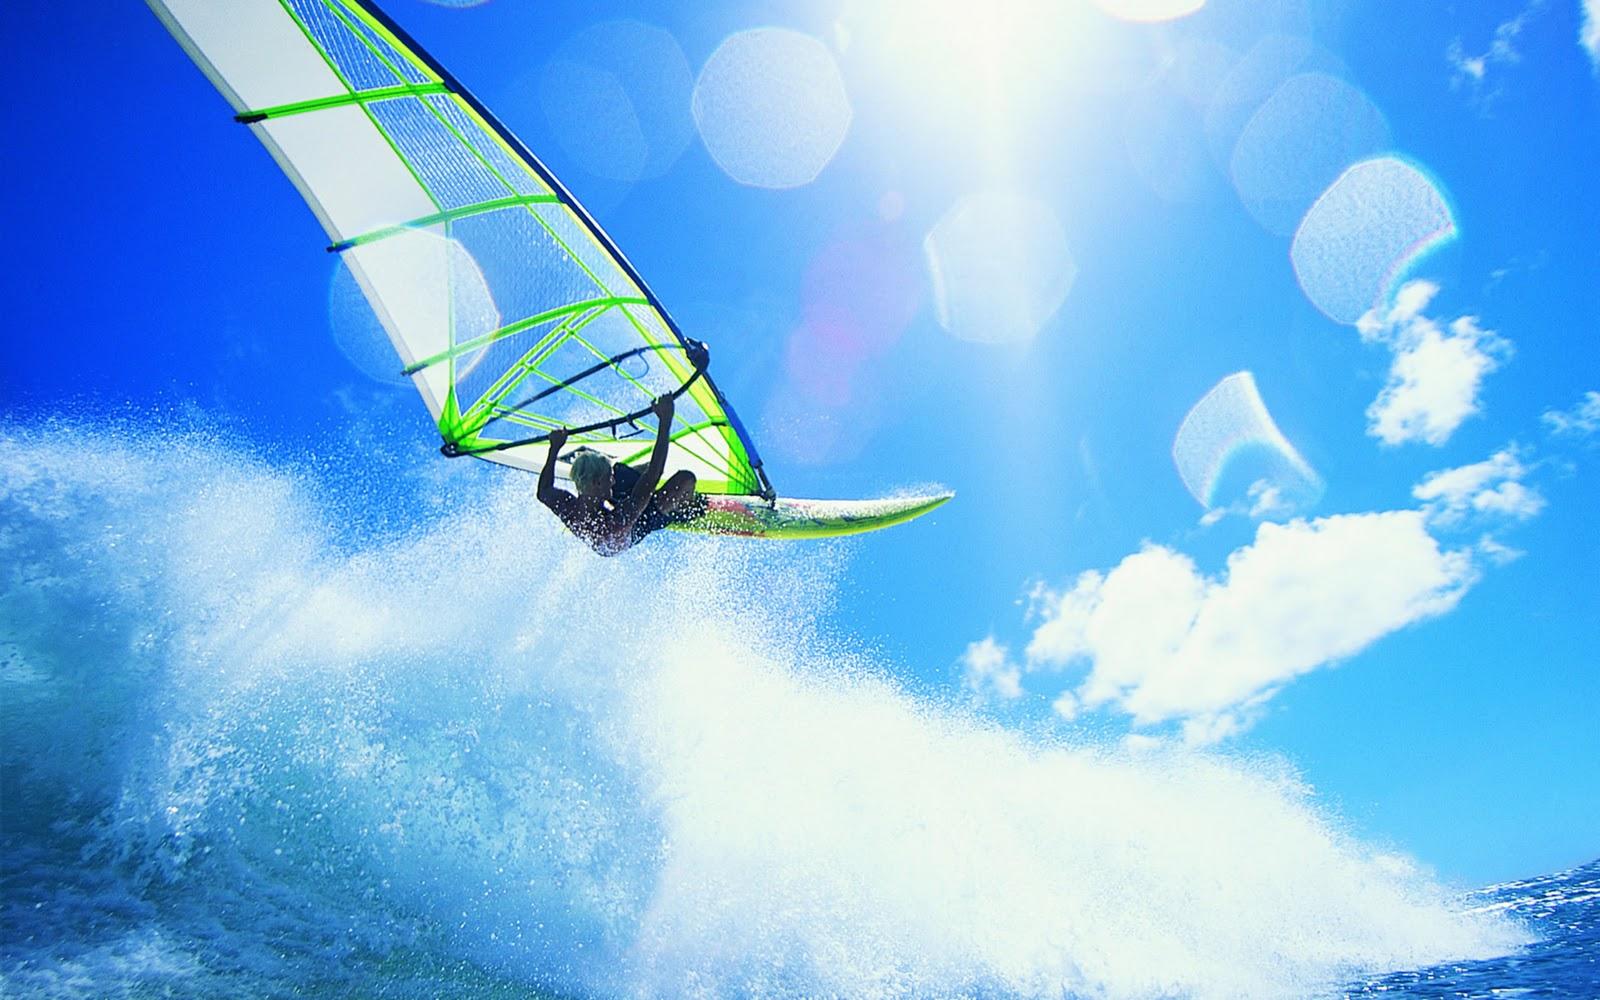 http://1.bp.blogspot.com/-T63-GwiVOEg/TnTtMRWeEQI/AAAAAAAAEFk/wYJIwkufujk/s1600/amazing-wind-surf-desktop-wallpaper.jpg